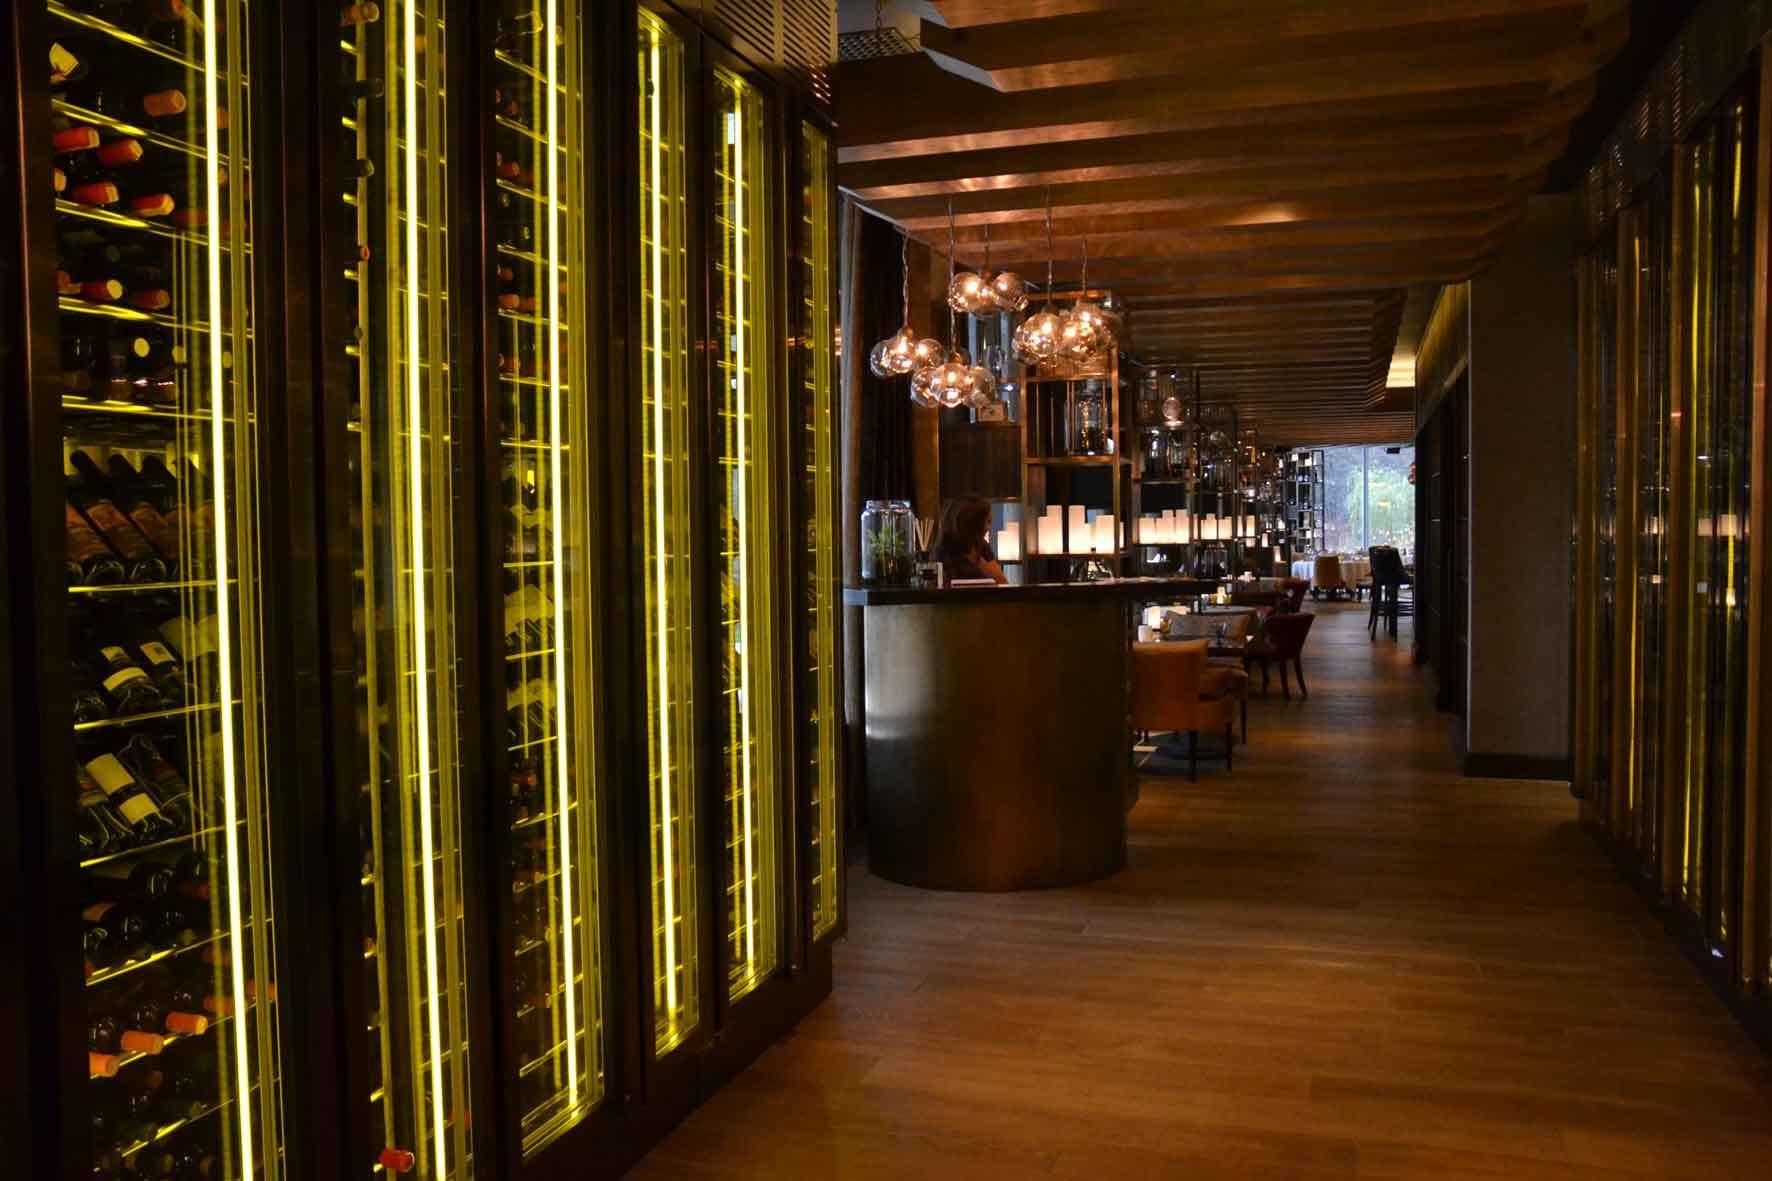 Шкаф для вина, шкаф для виски или шкаф для коньяка должным образом отвечают за длительное хранение и отлично справляются с демонстрацией напитков в торговом помещении.